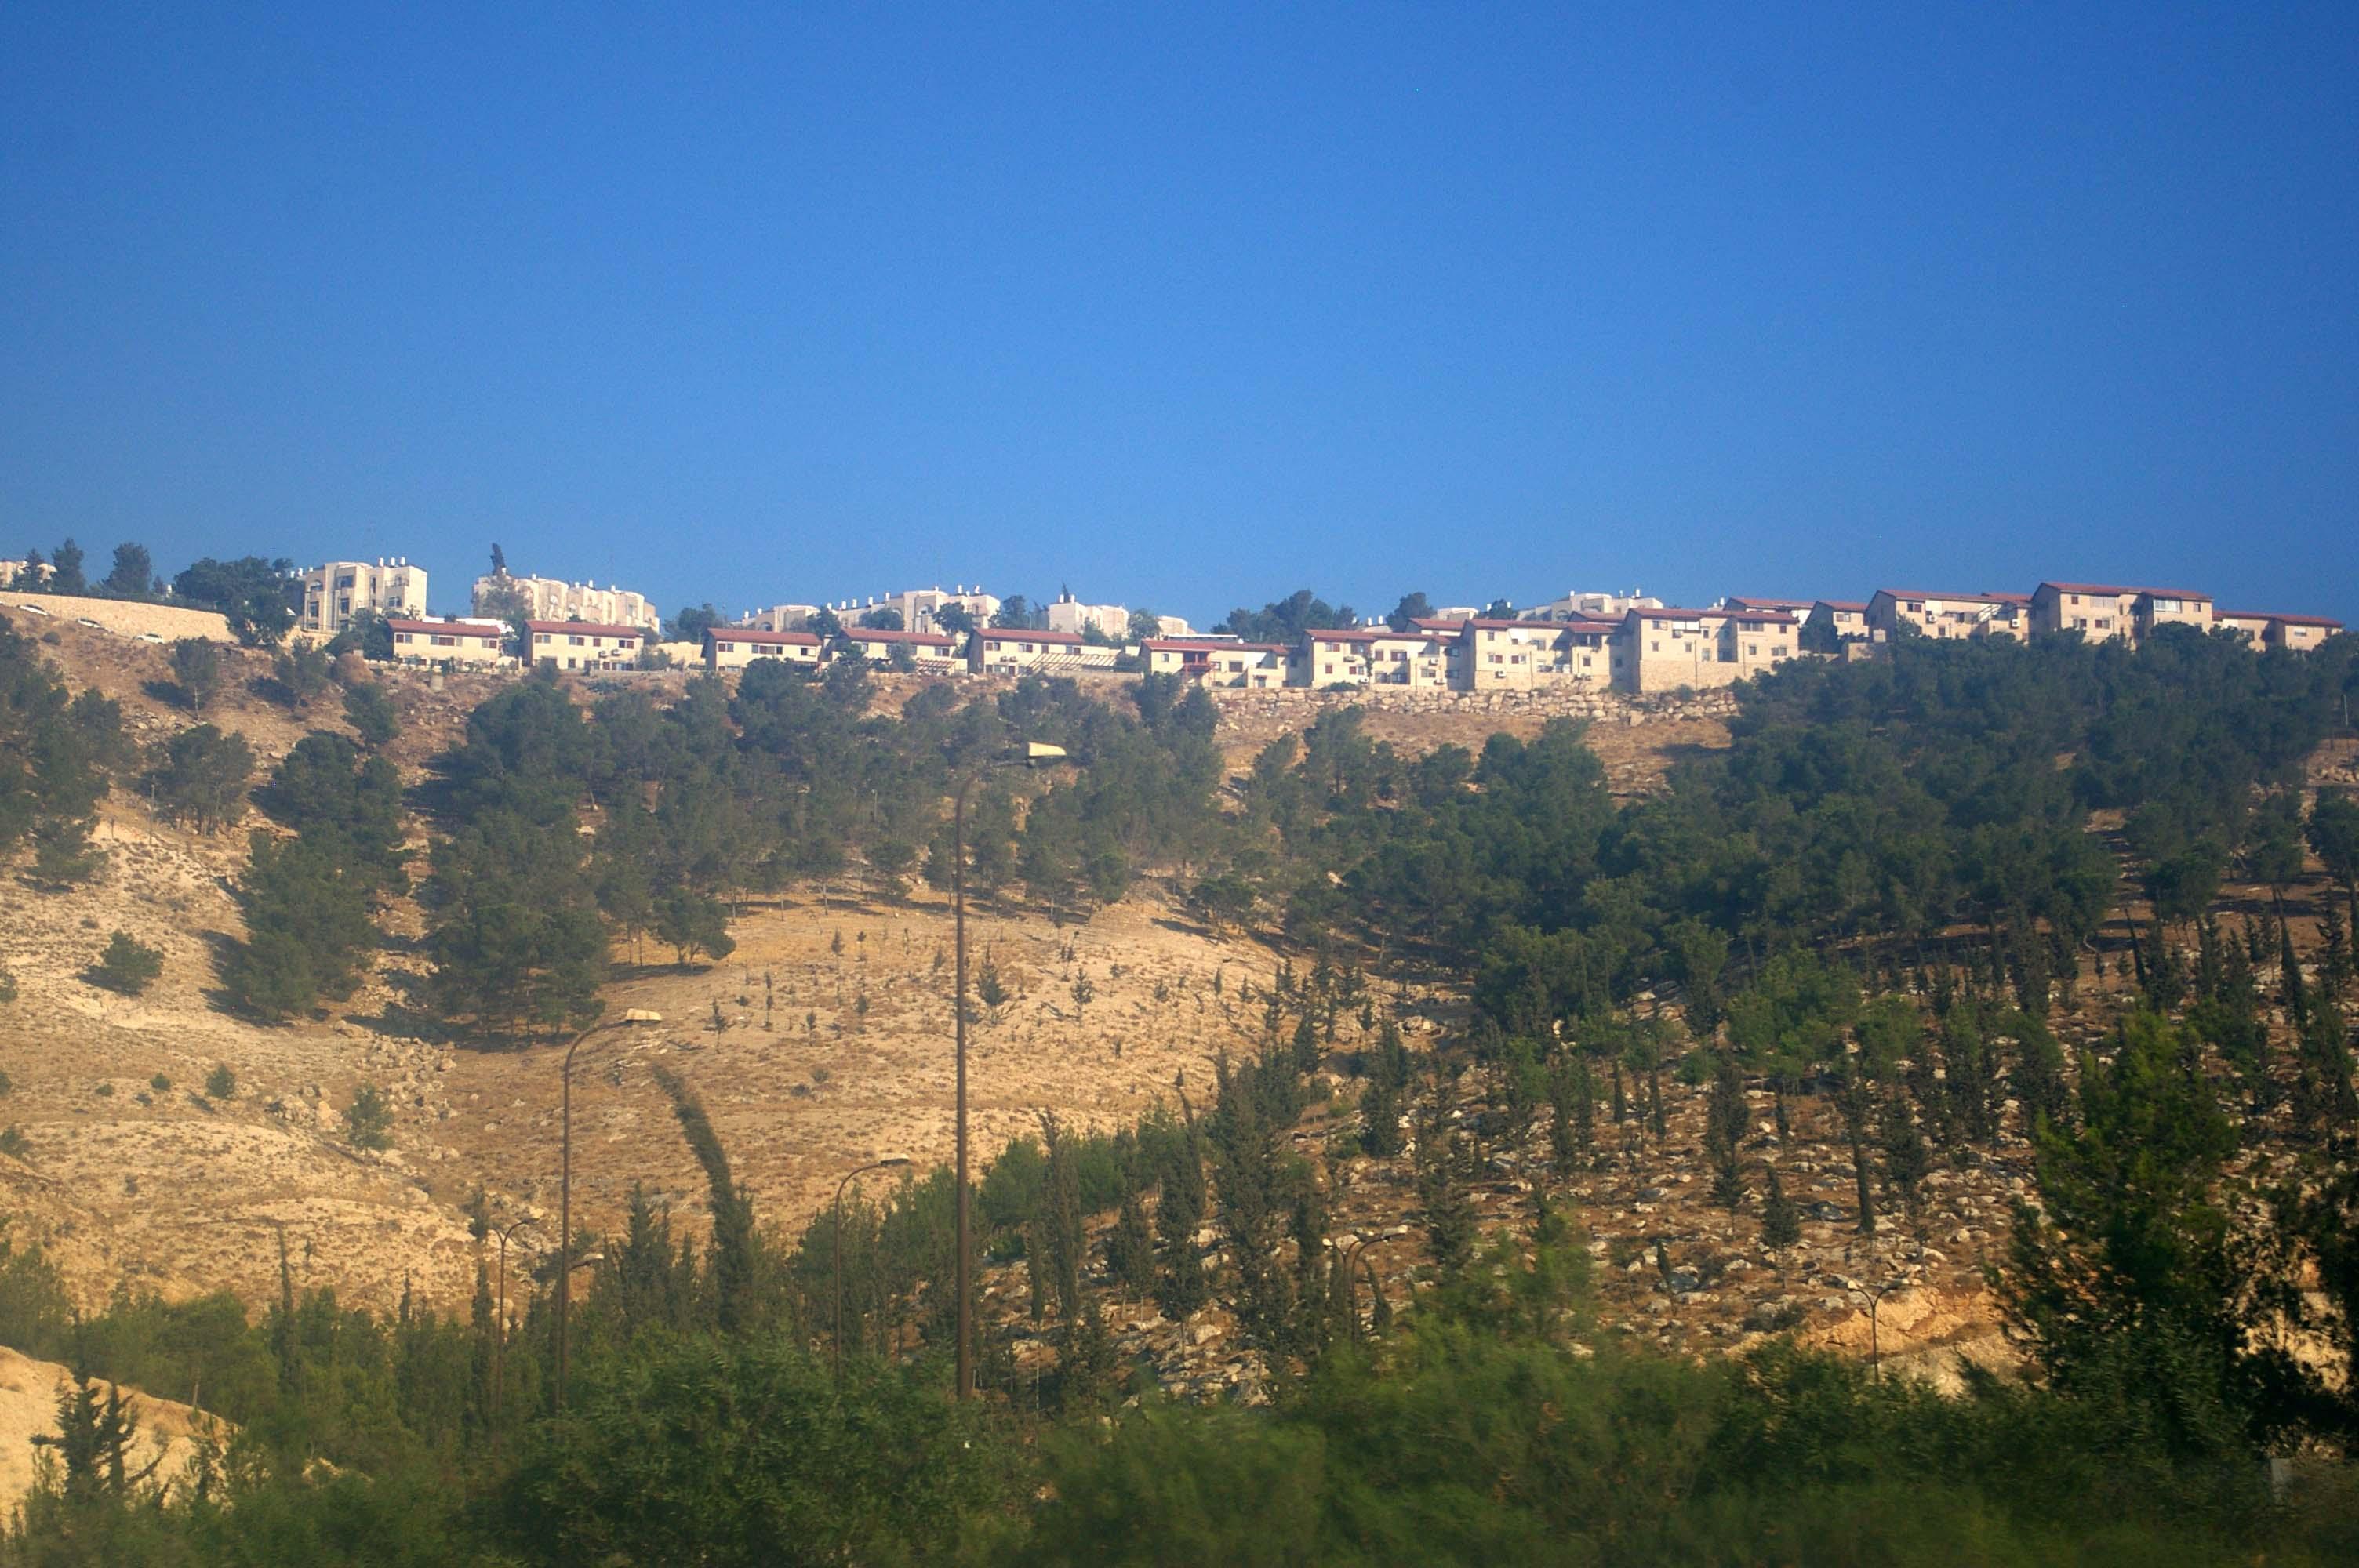 Ma'ale Adummim - photo by Leopold Lambert (2)